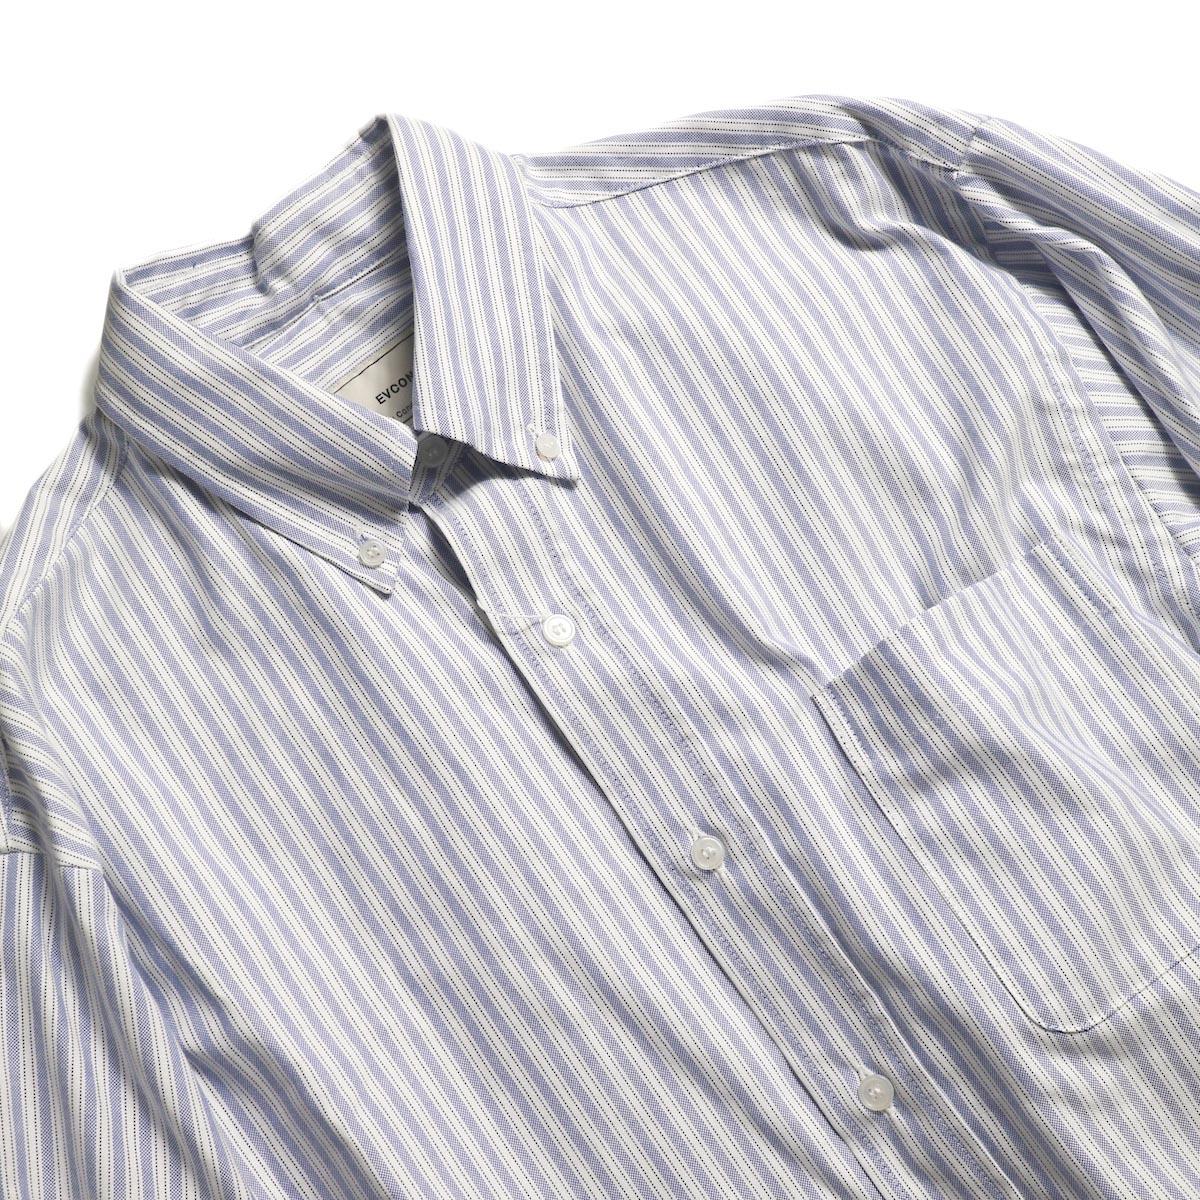 EVCON / CROPPED OXFORD BD SHIRT (Navy Stripe)襟